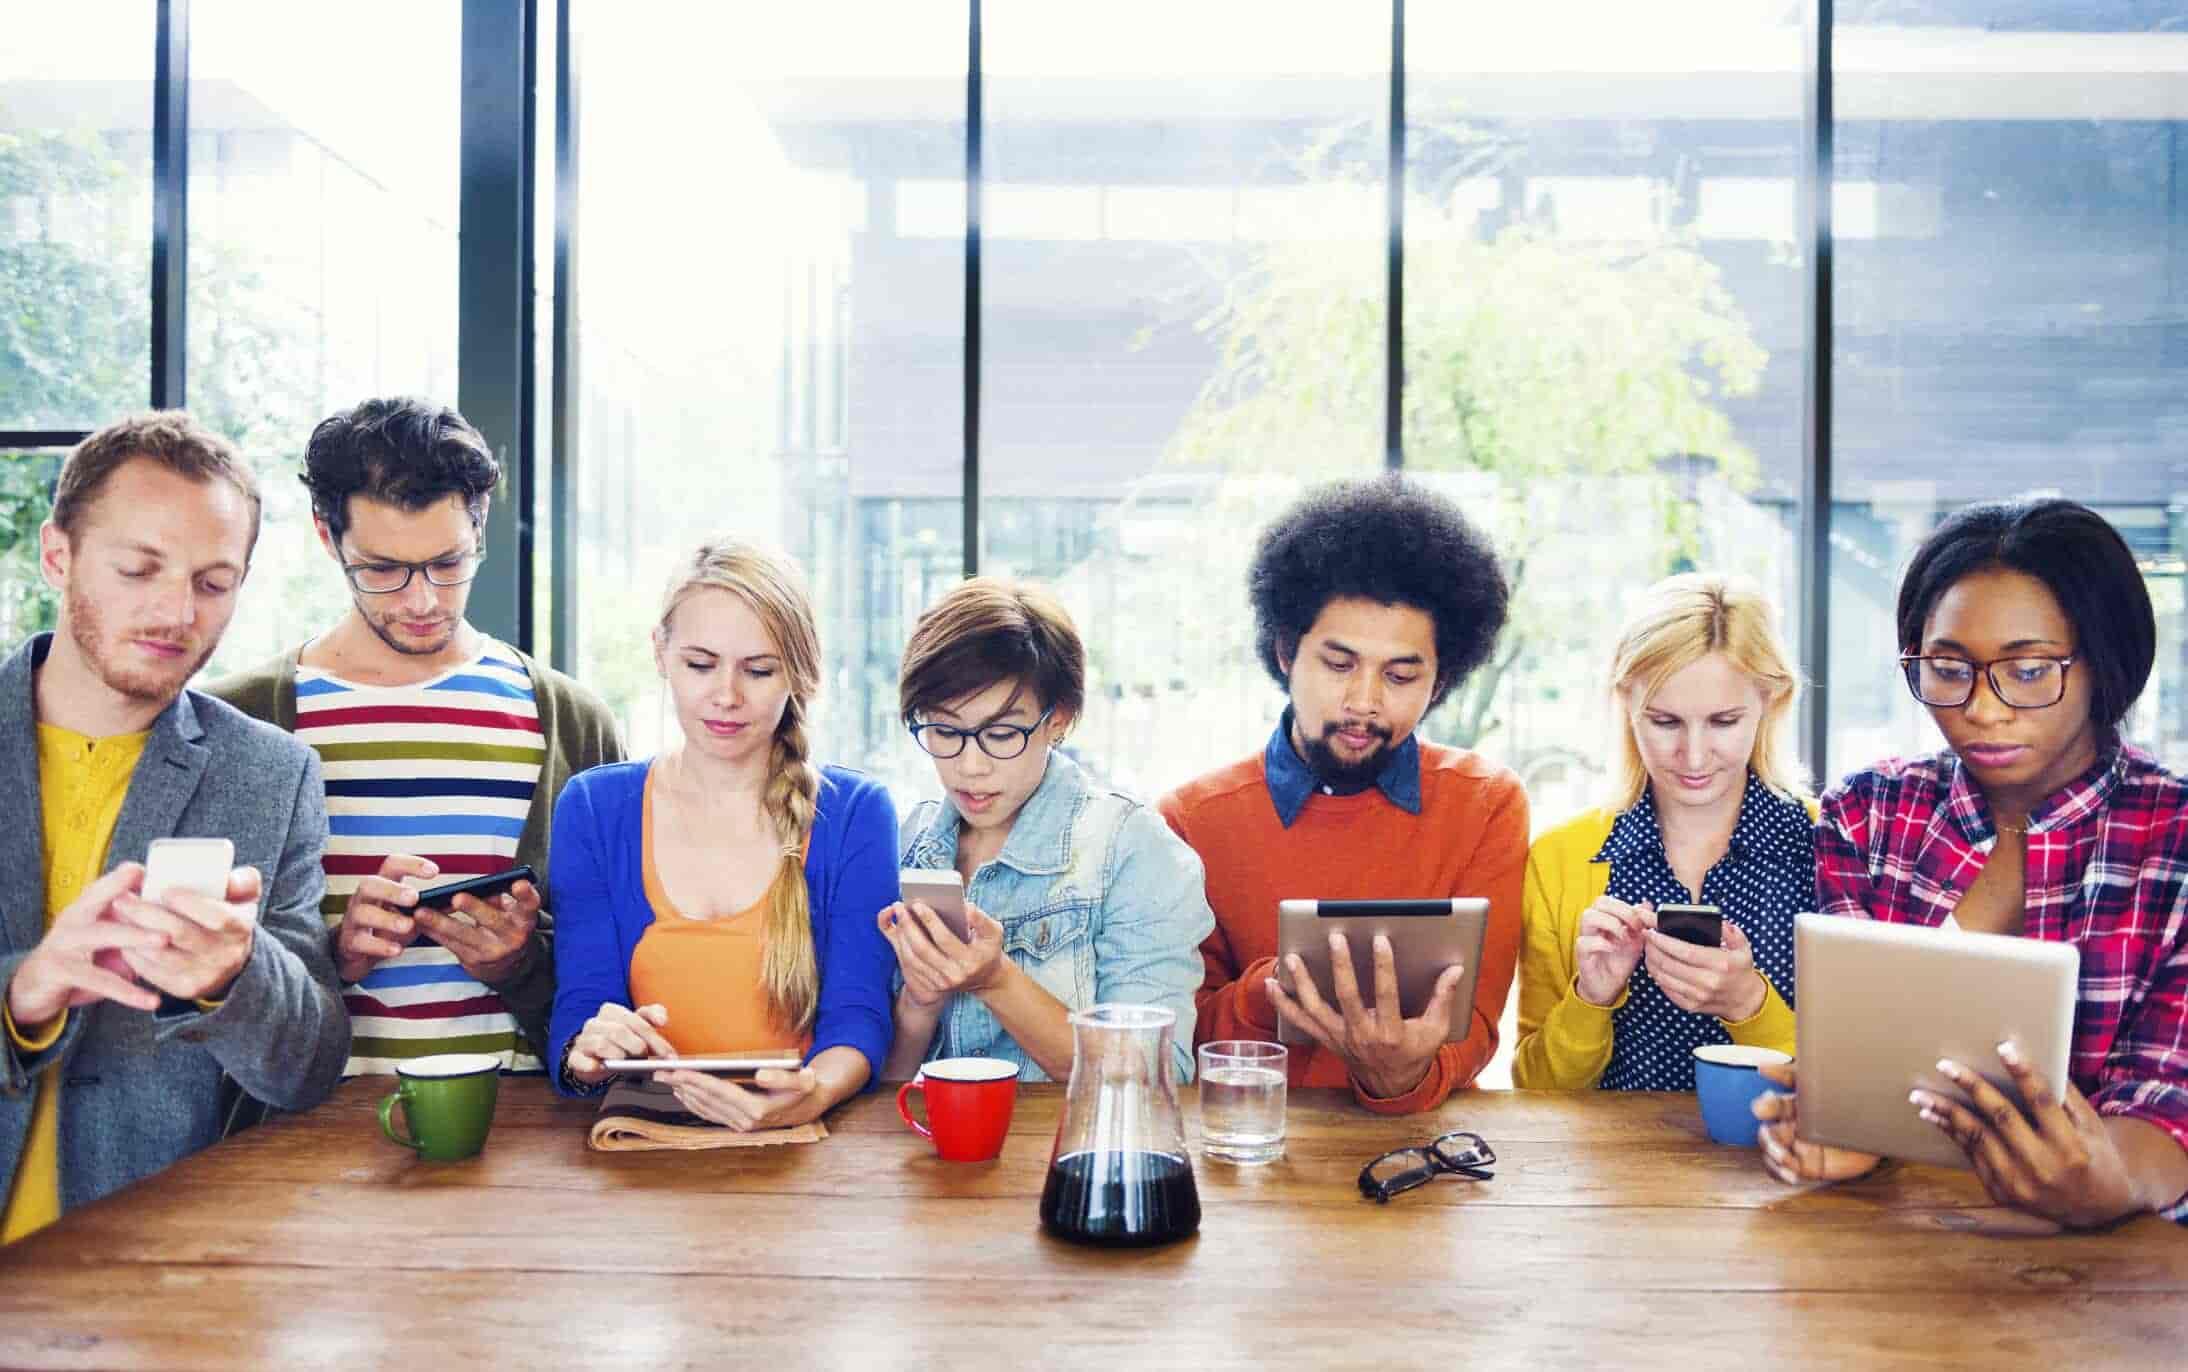 estudiar ingles en medellin millennials